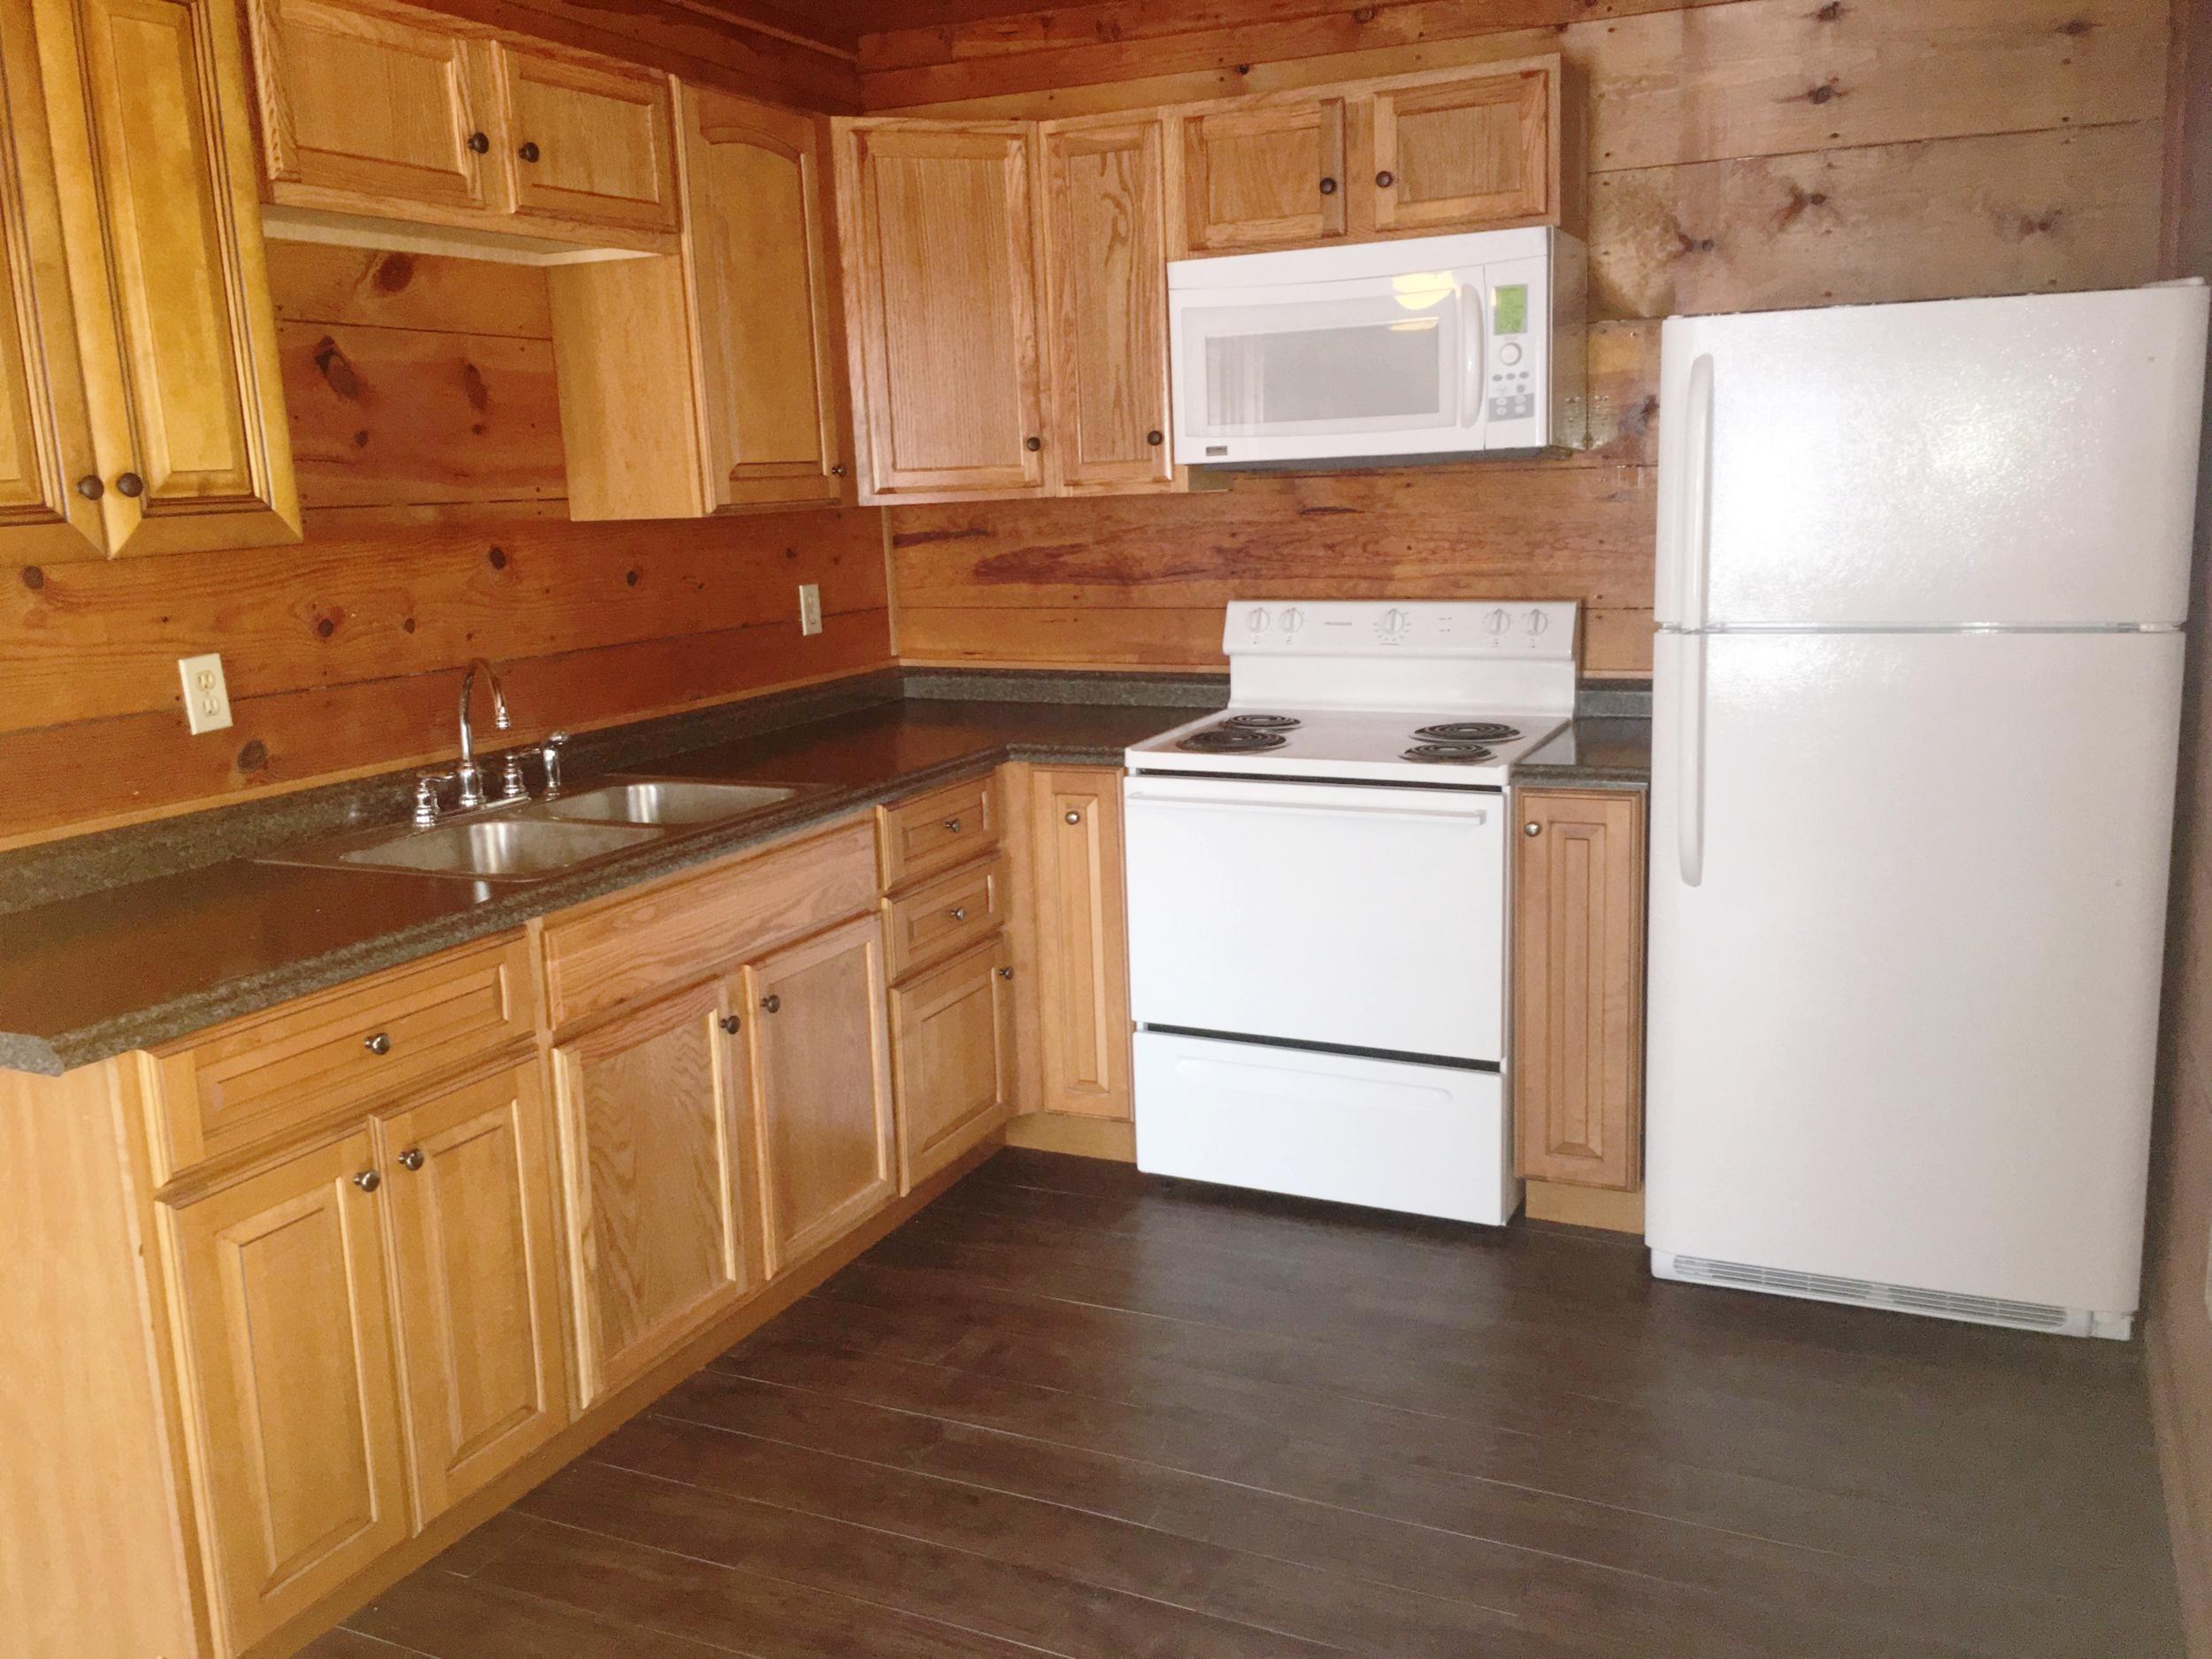 kitchen 252.JPG